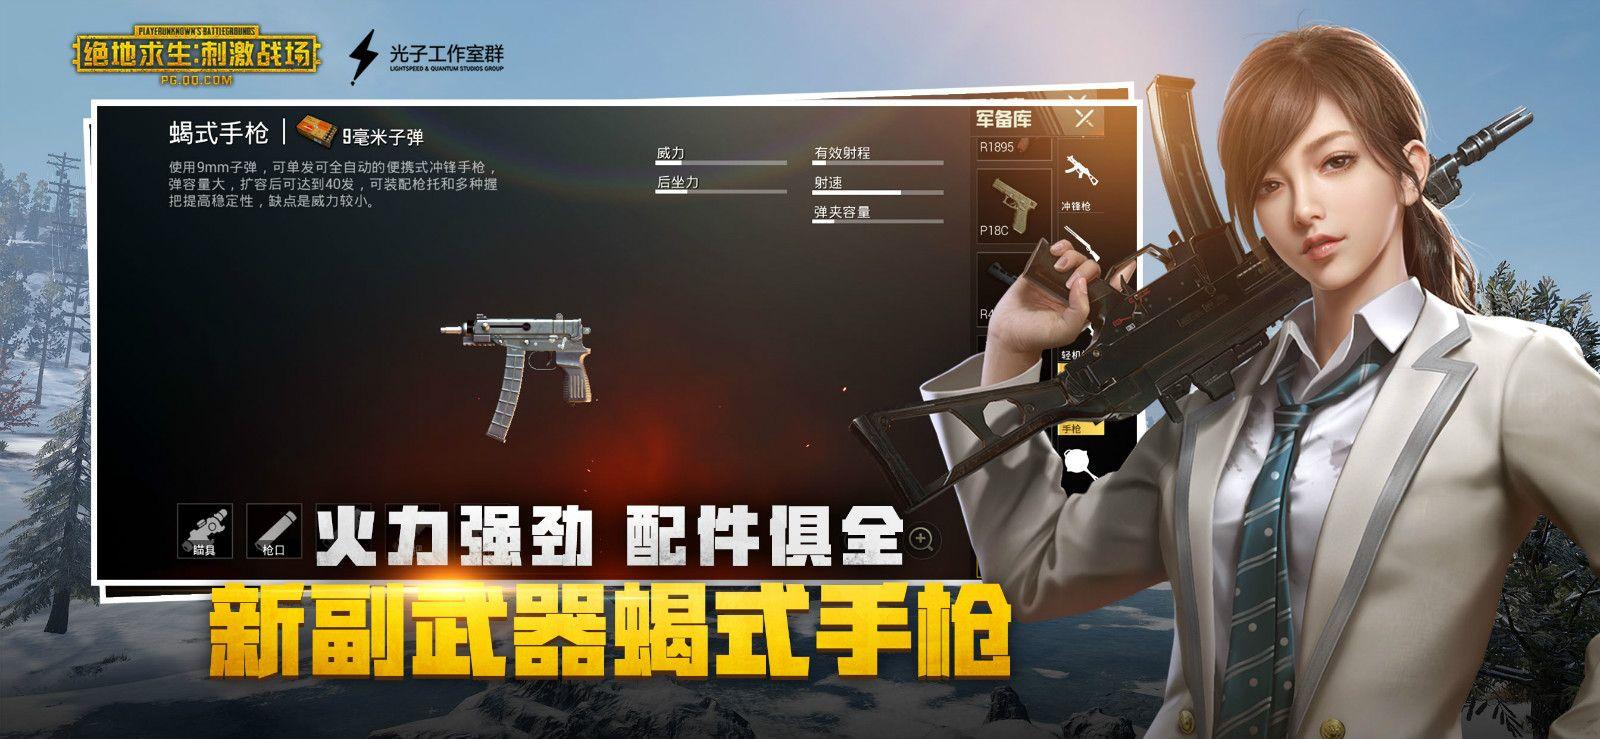 pubglite官方网站2019新春最新版下载图片1